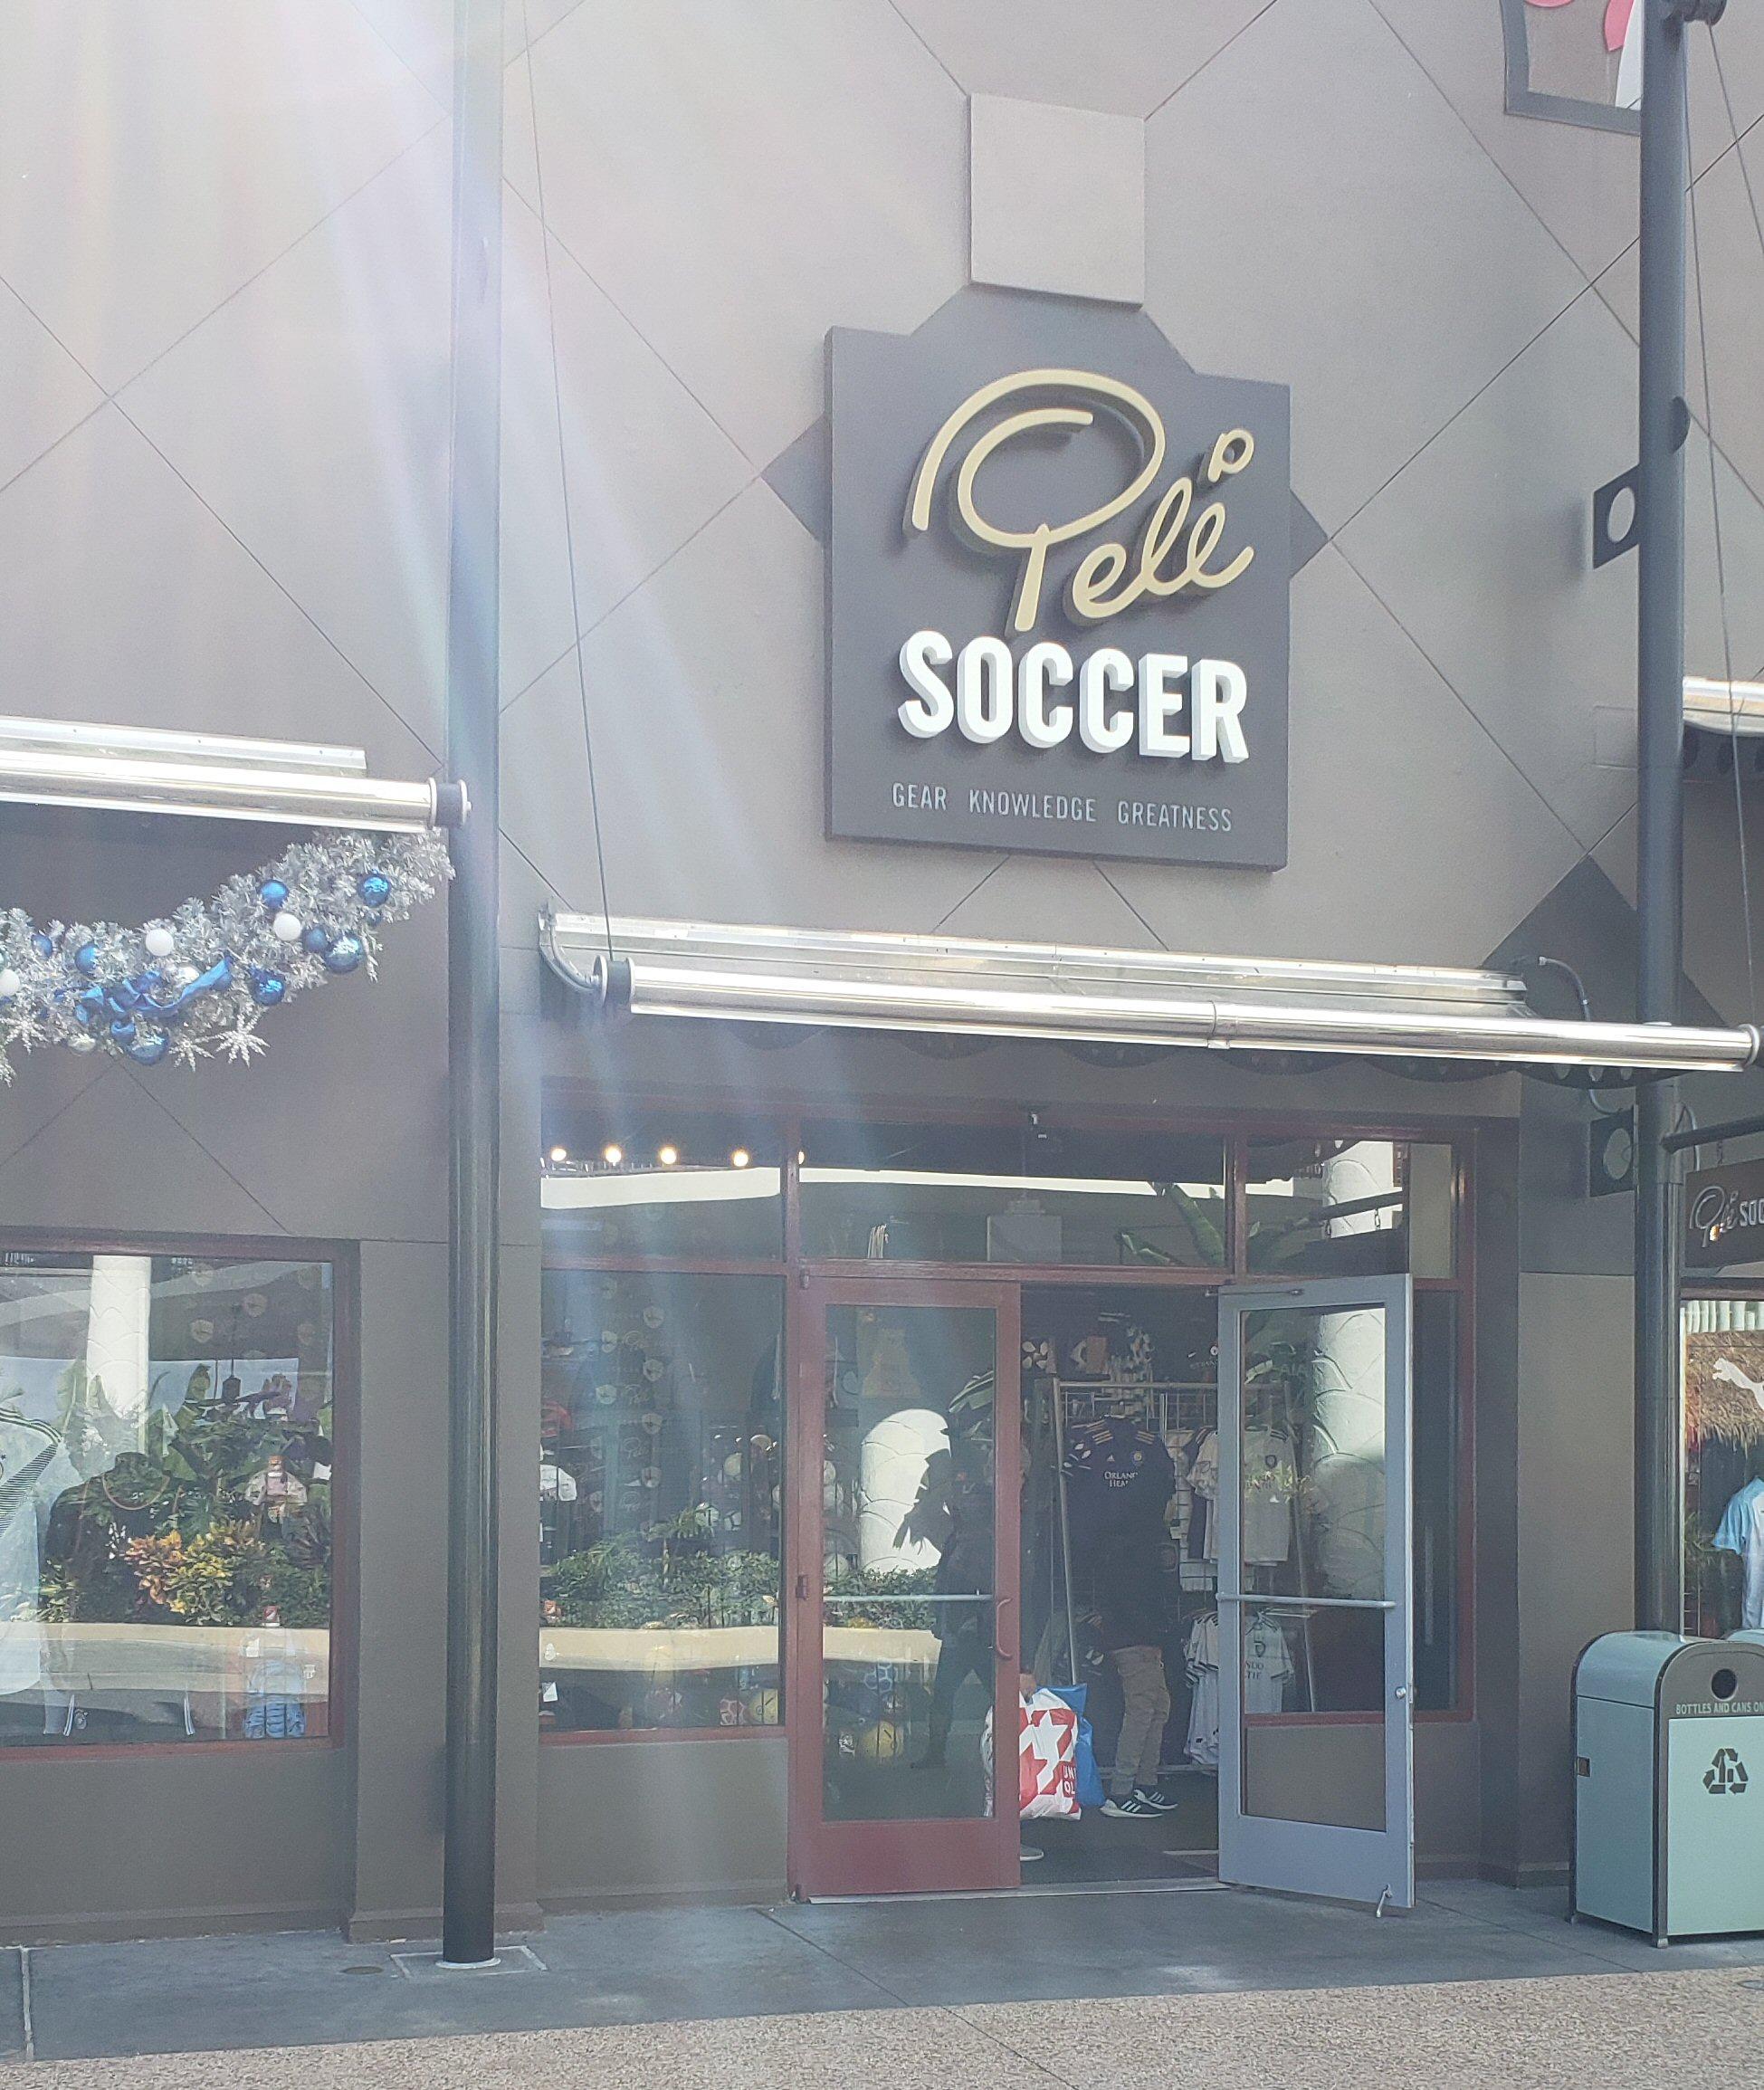 Pele Soccer